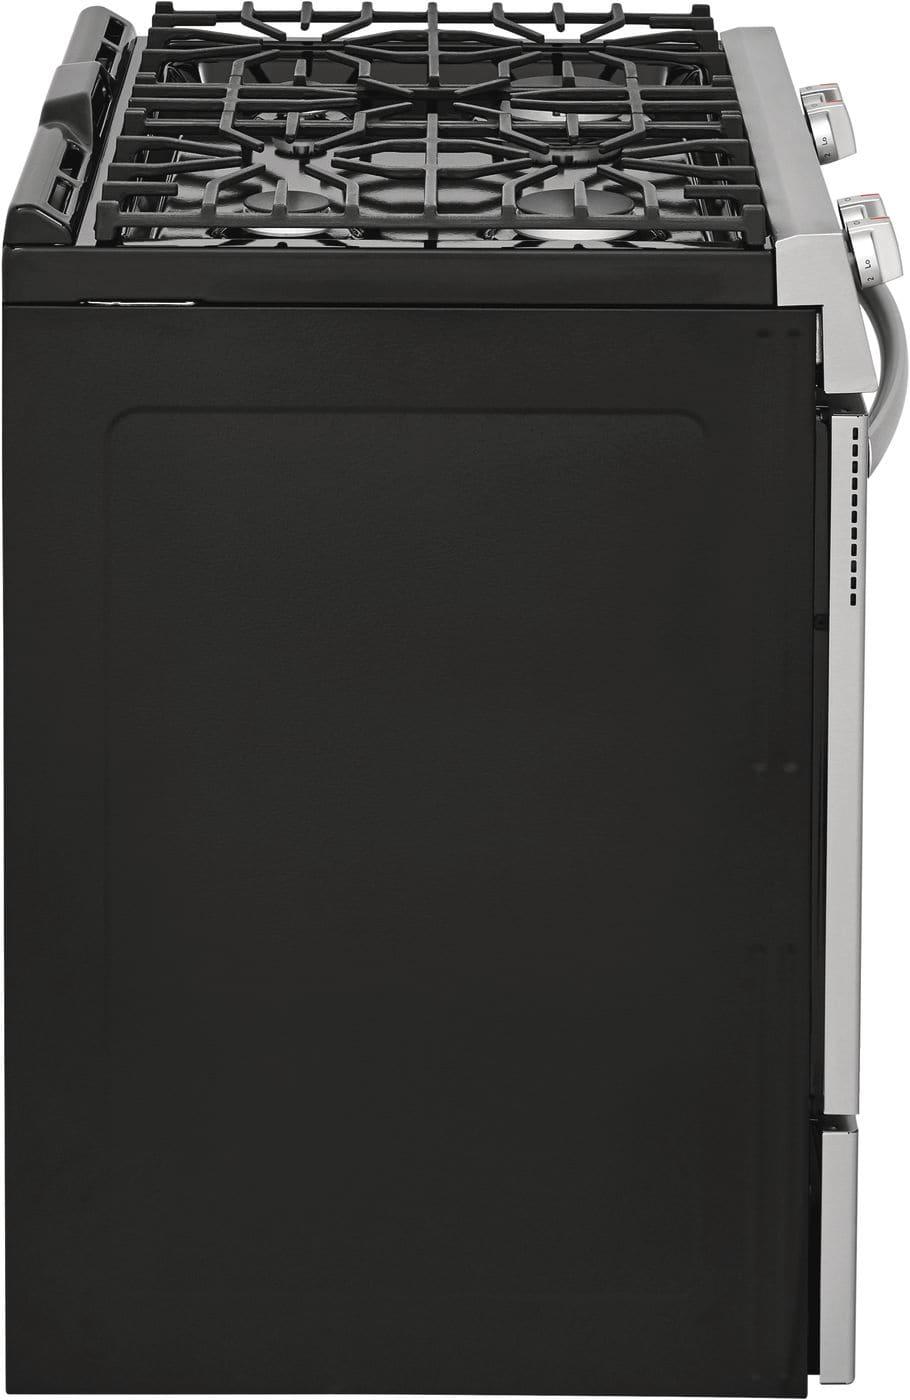 Model: FFGH3051VS | 30